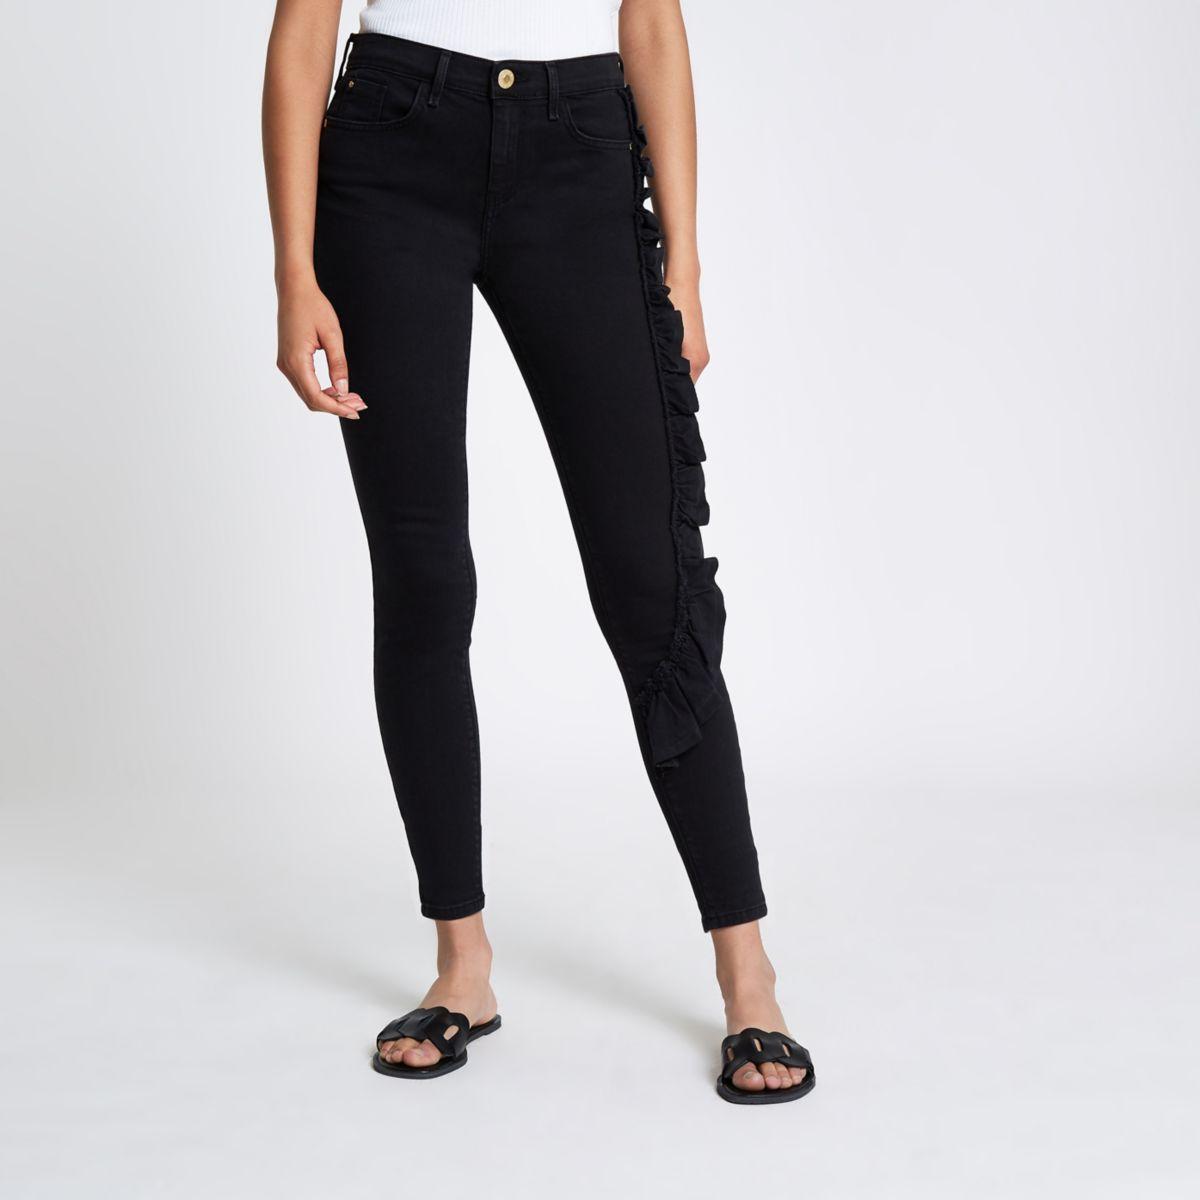 Amelie - Zwarte superskinny jeans met ruches